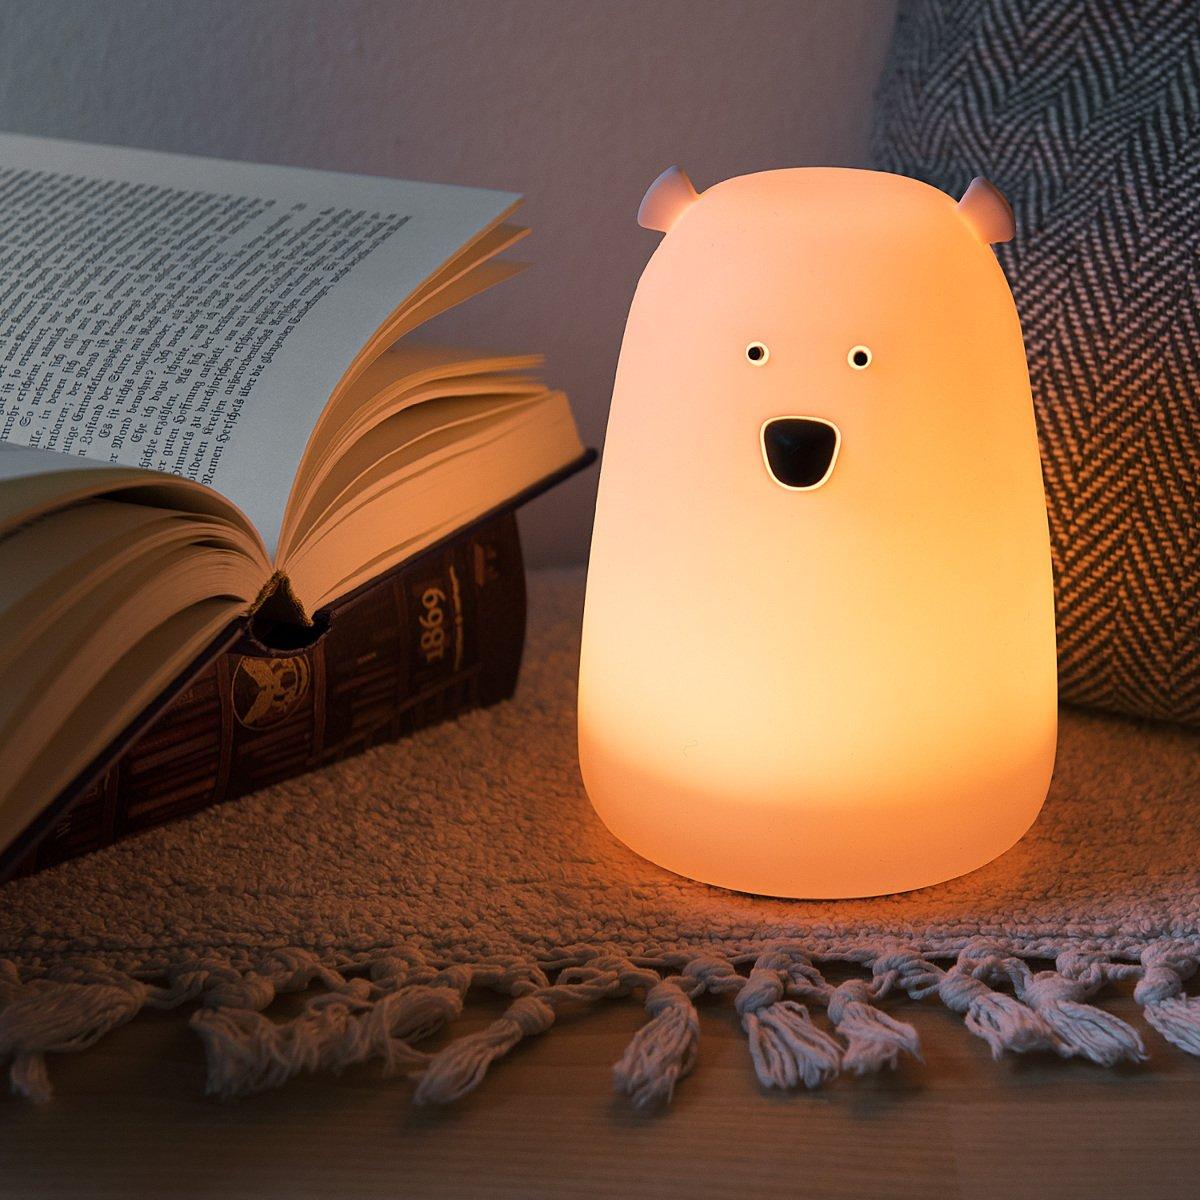 Changement de couleur RGB lampe de chevet pour enfants et b/éb/és Navaris veilleuse LED design ours C/âble micro USB Veilleuse ourson blanc